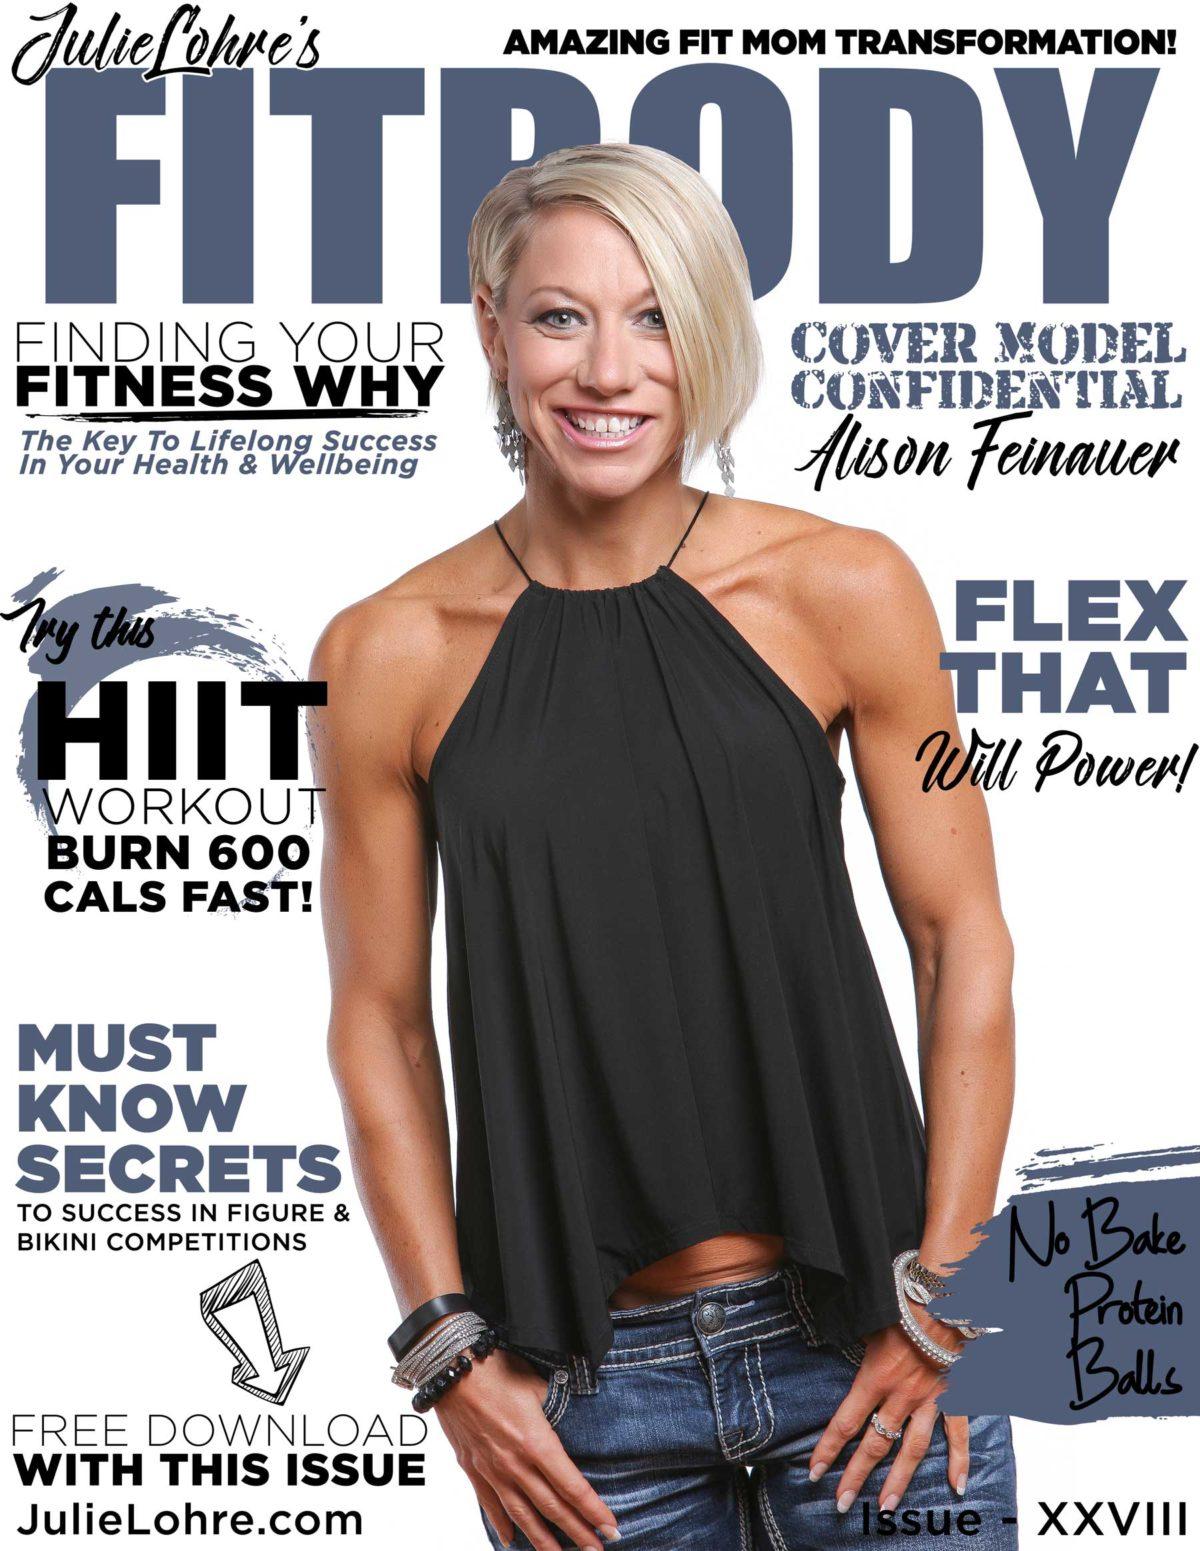 FITBODY Magazine XXVVIII Fit Mom Transformation